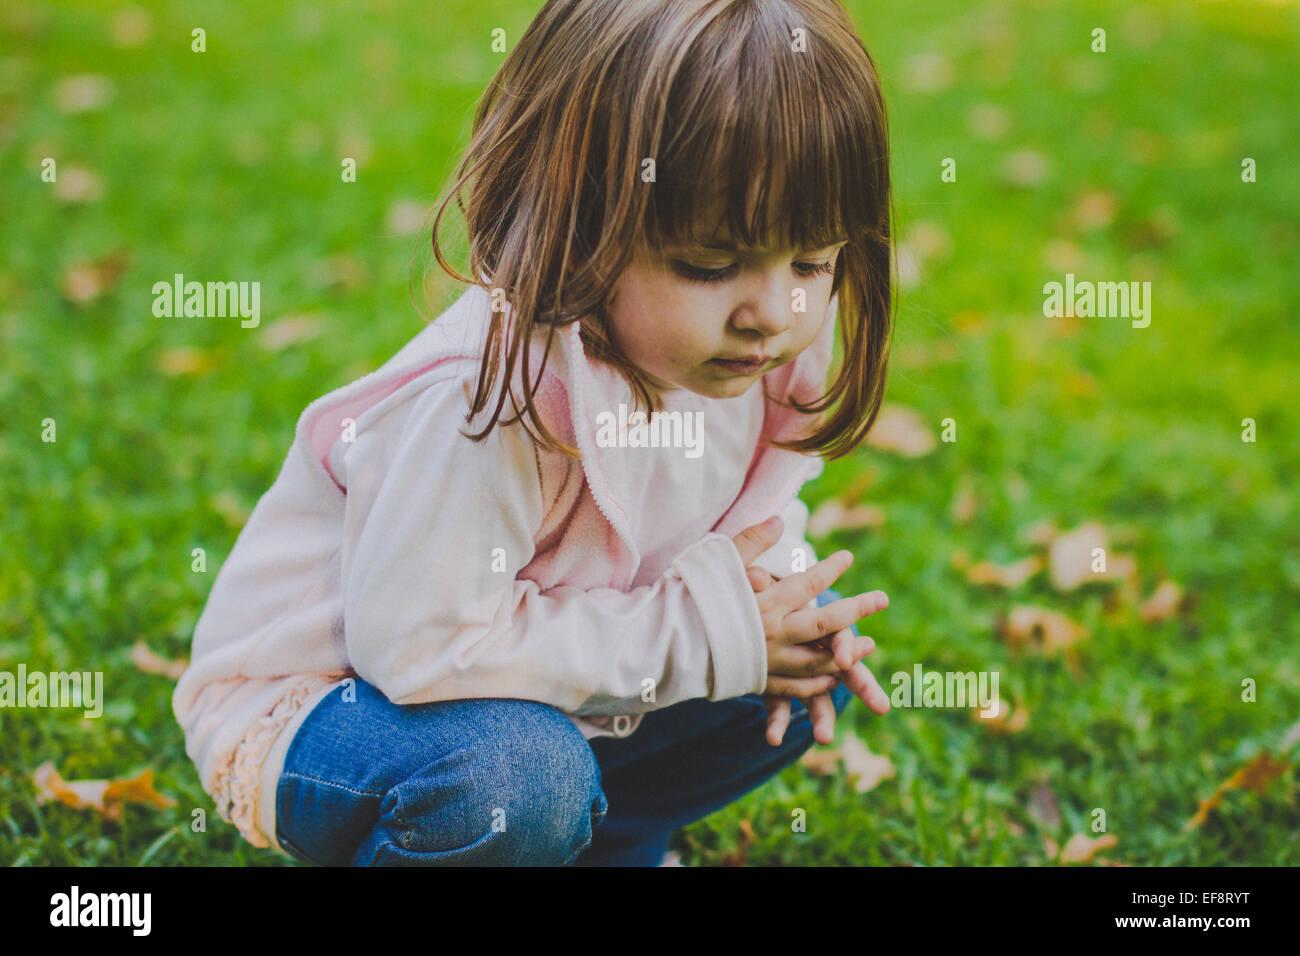 Ritratto di ragazza (2-3) accovacciato sull'erba Immagini Stock